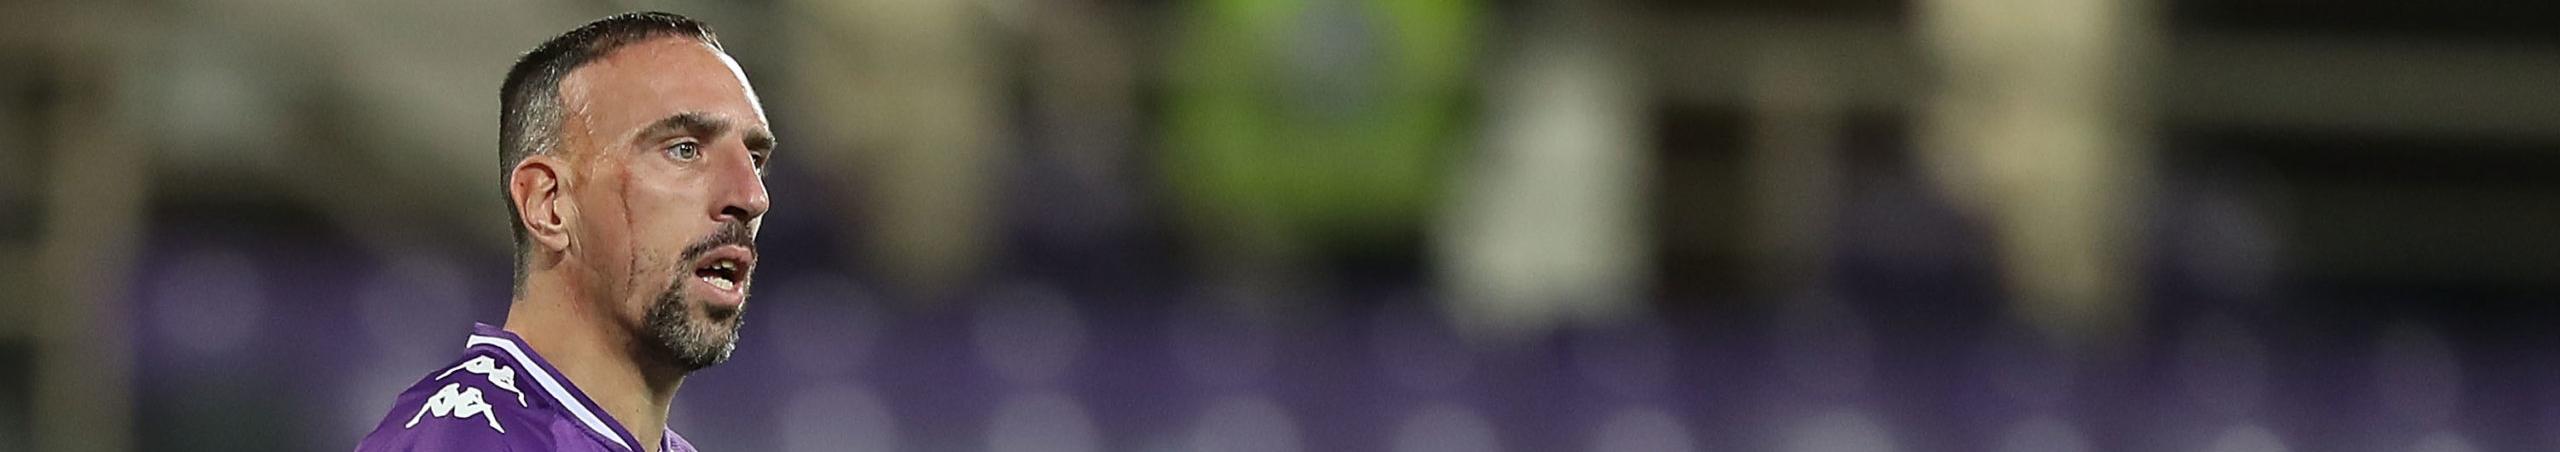 Pronostico Roma-Fiorentina: Fonseca con i titolari, Iachini ritrova Ribery - le ultimissime